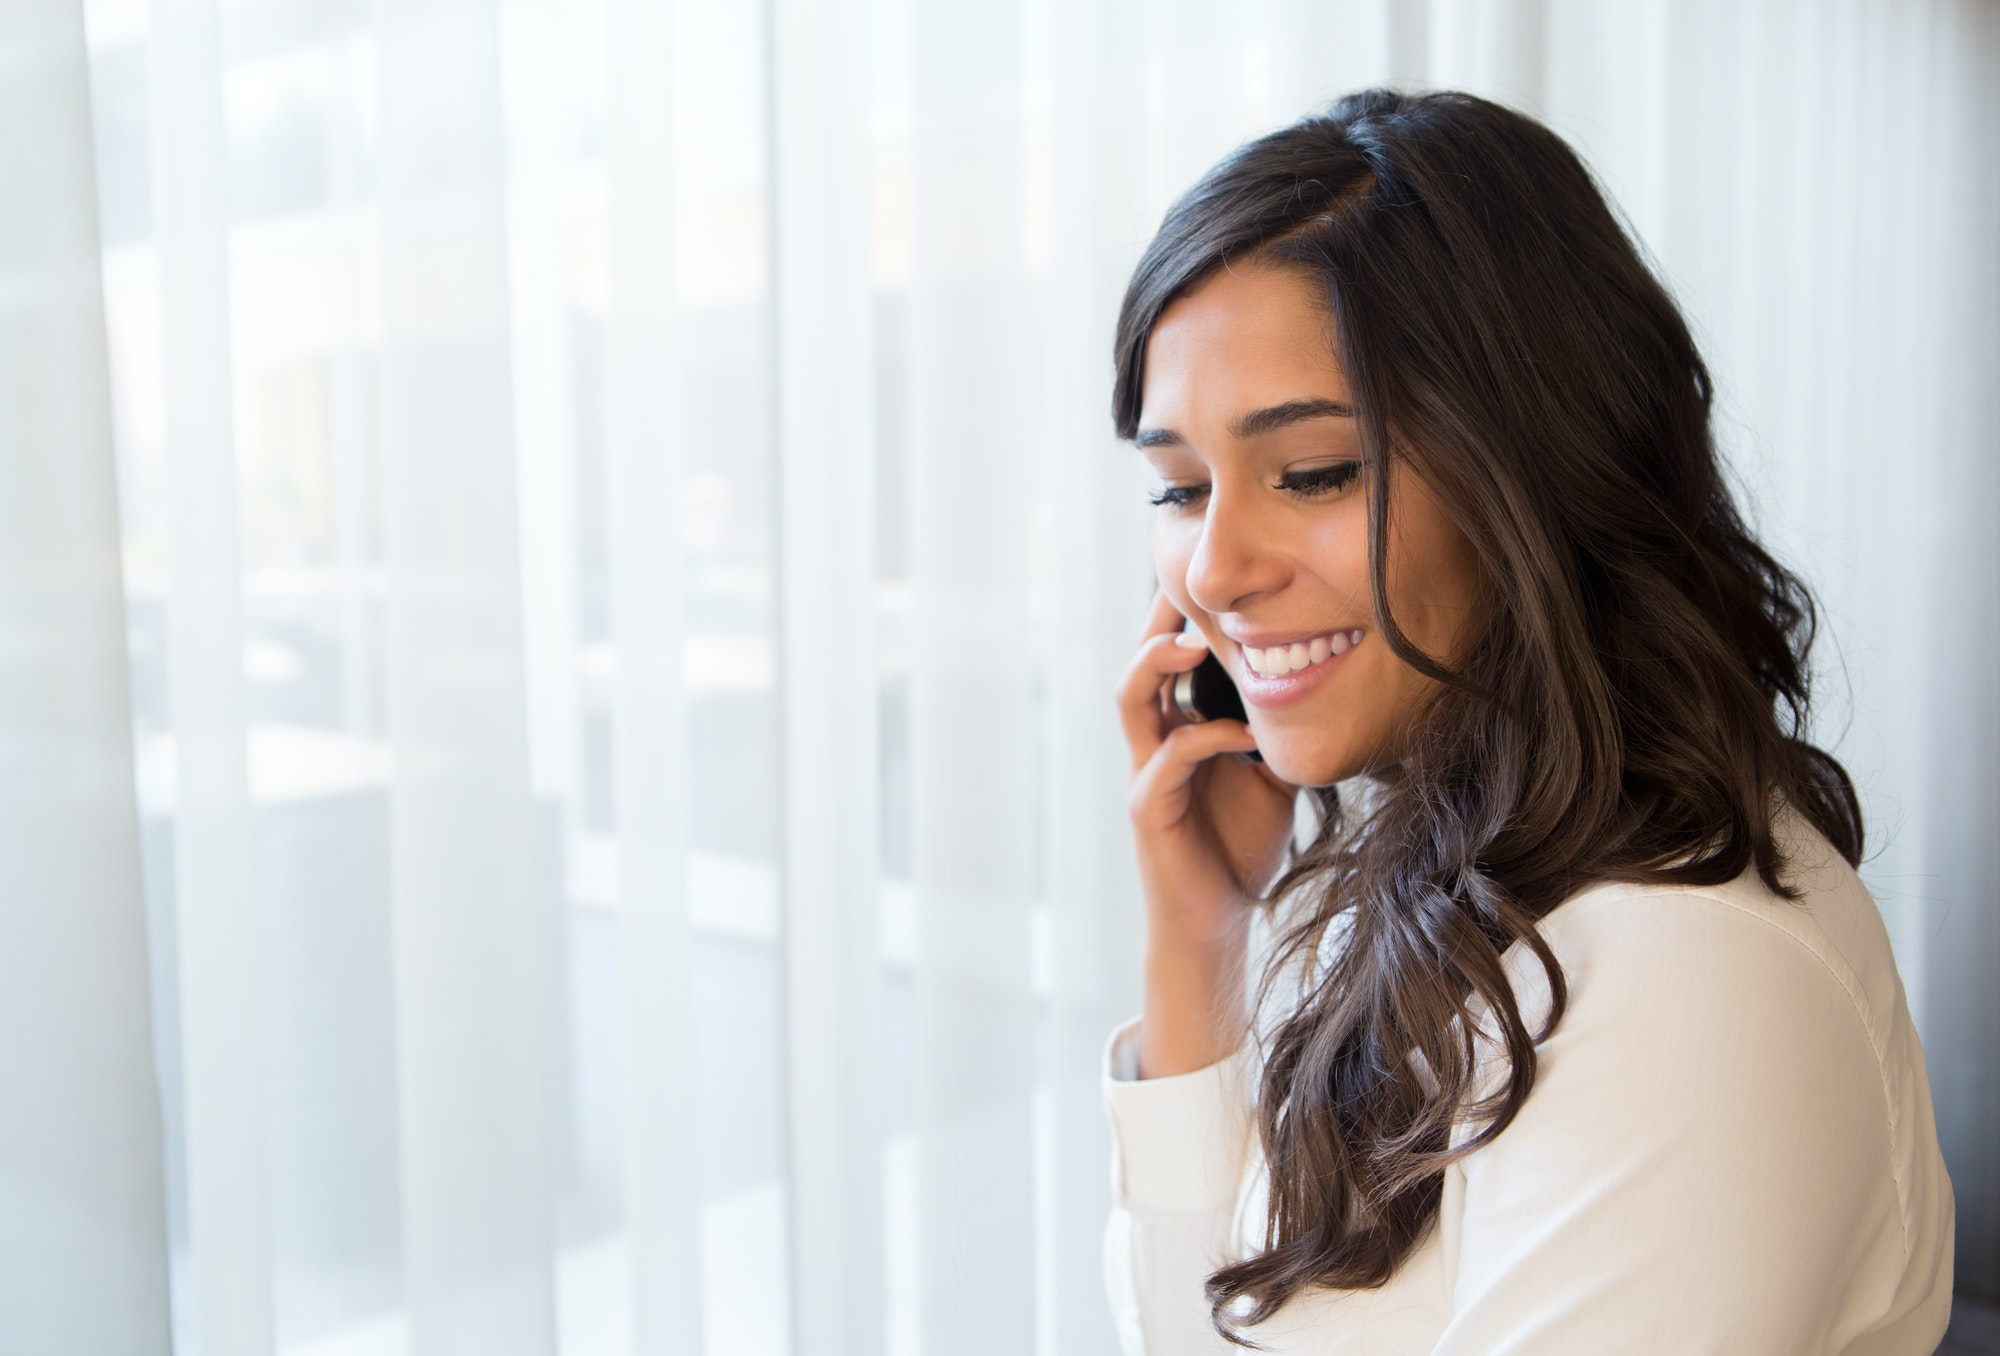 femme appelle son ex car il lui manque